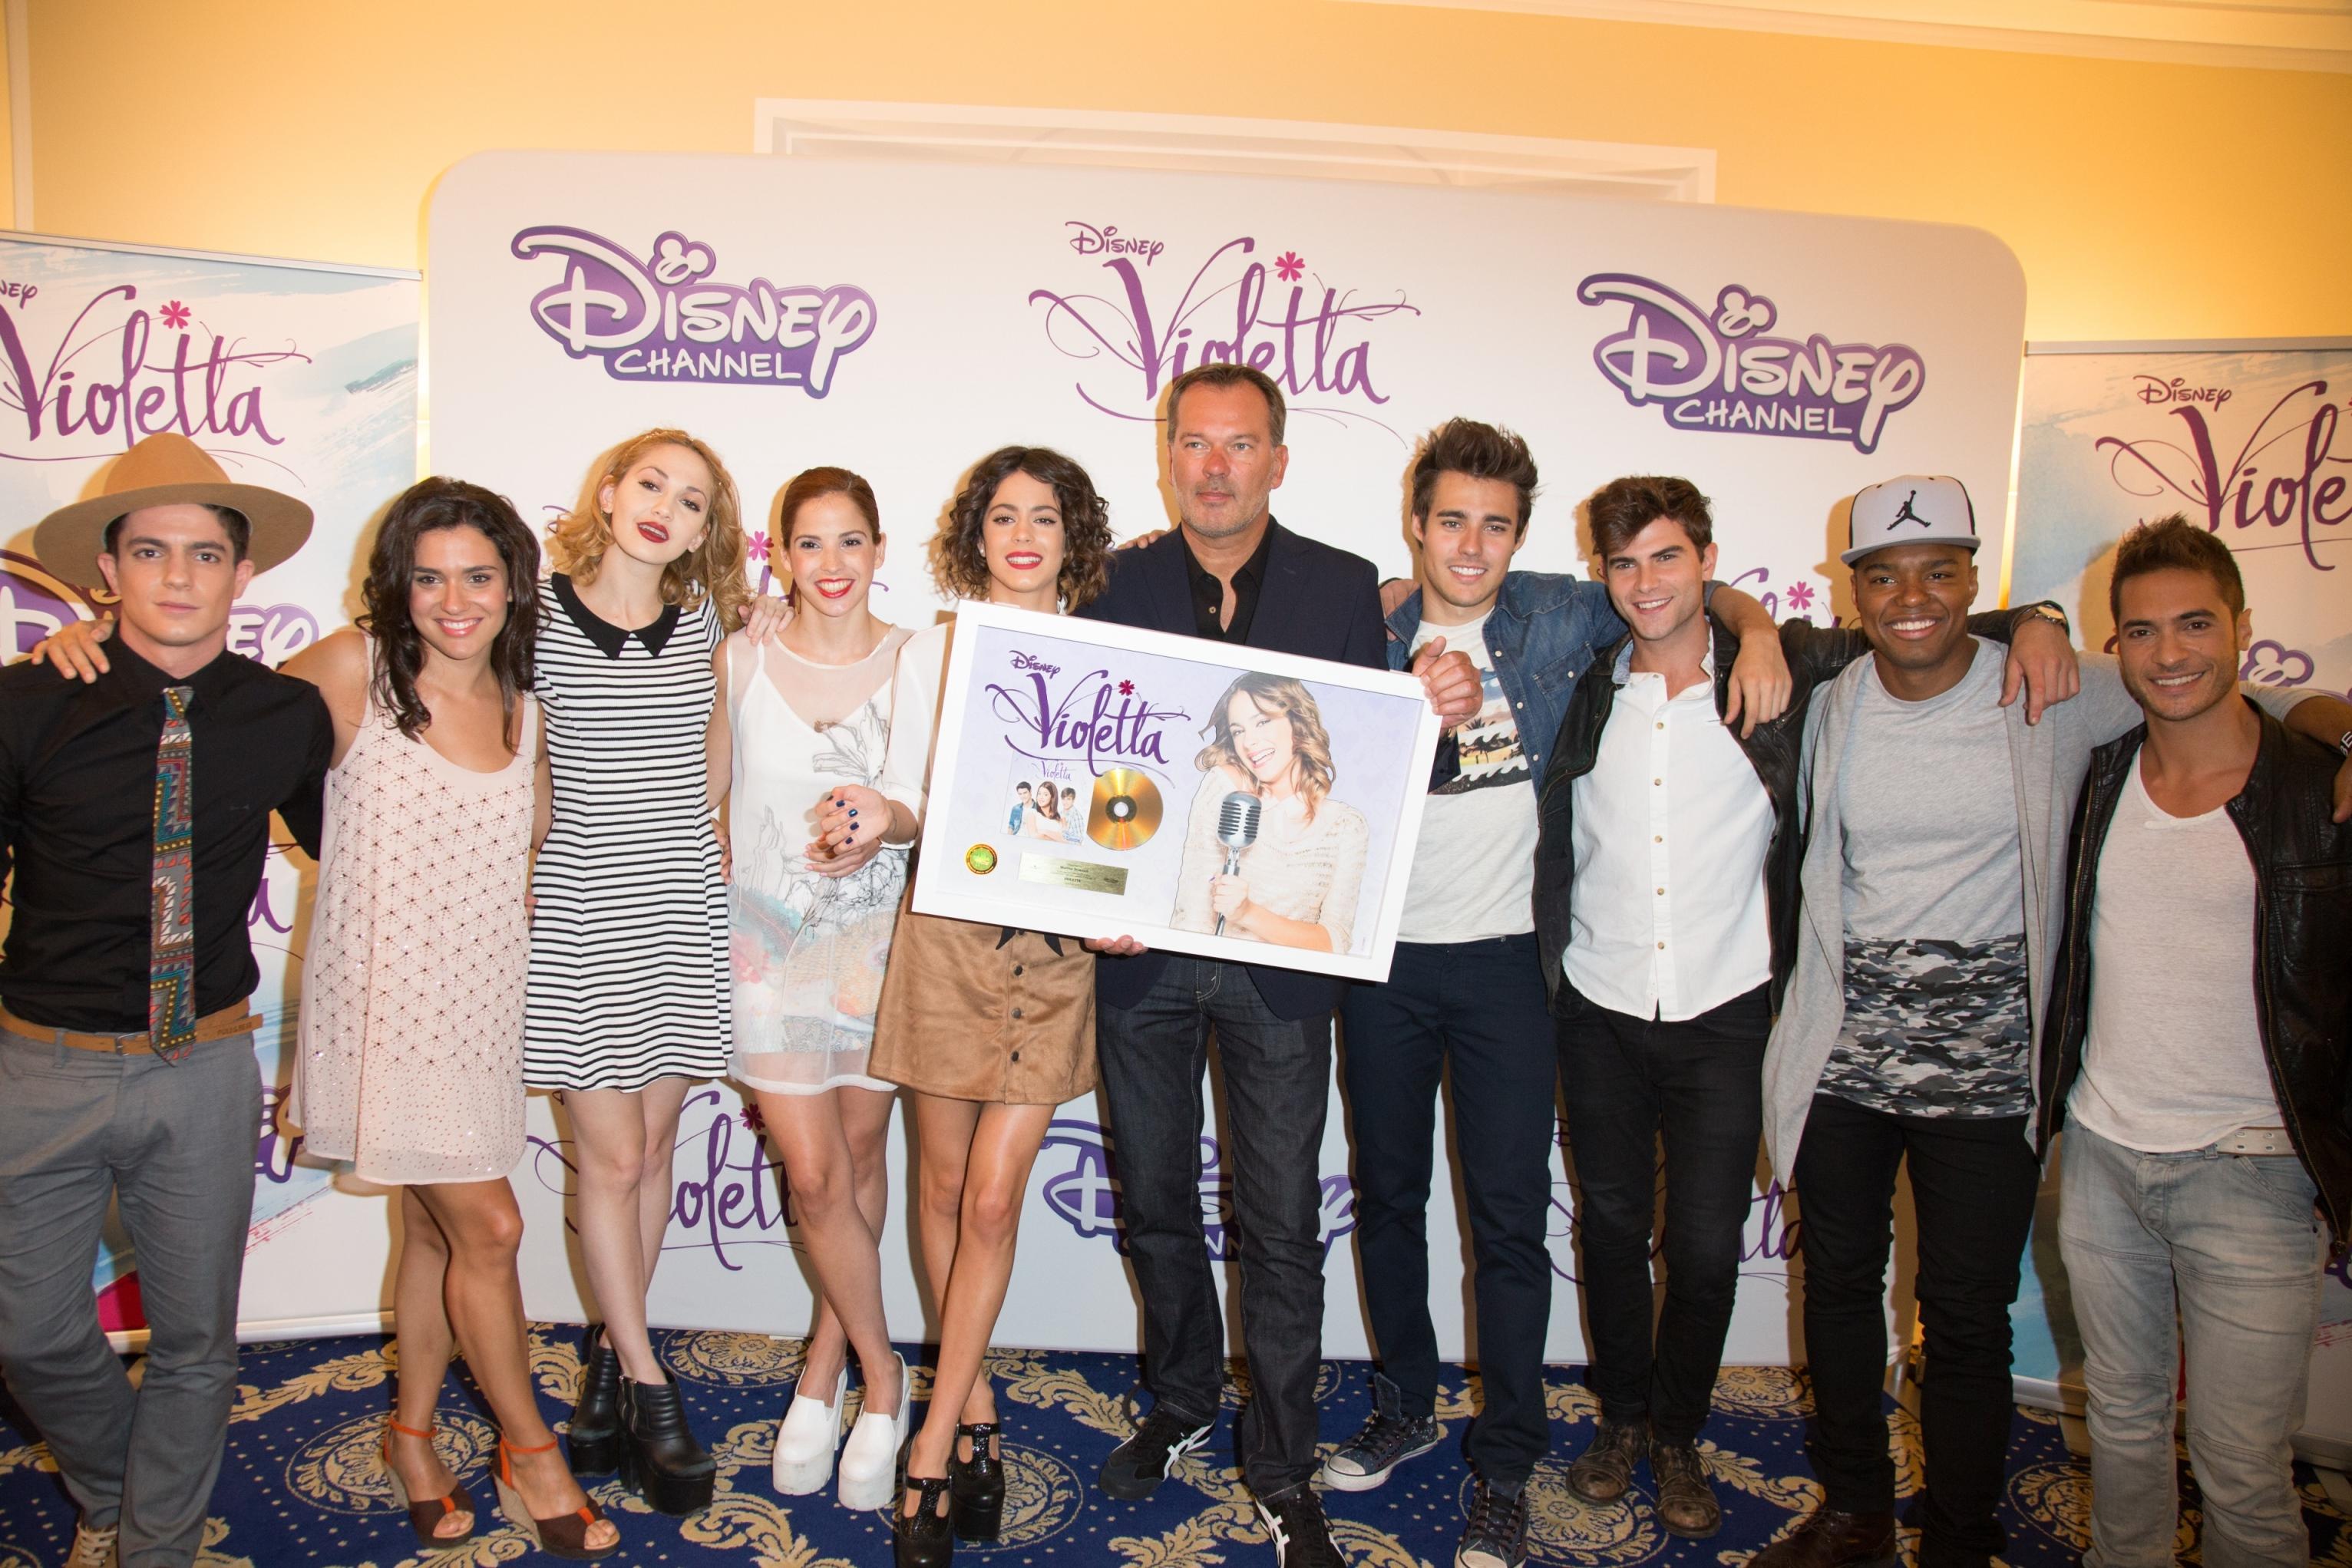 Violetta Disney Koeln Von